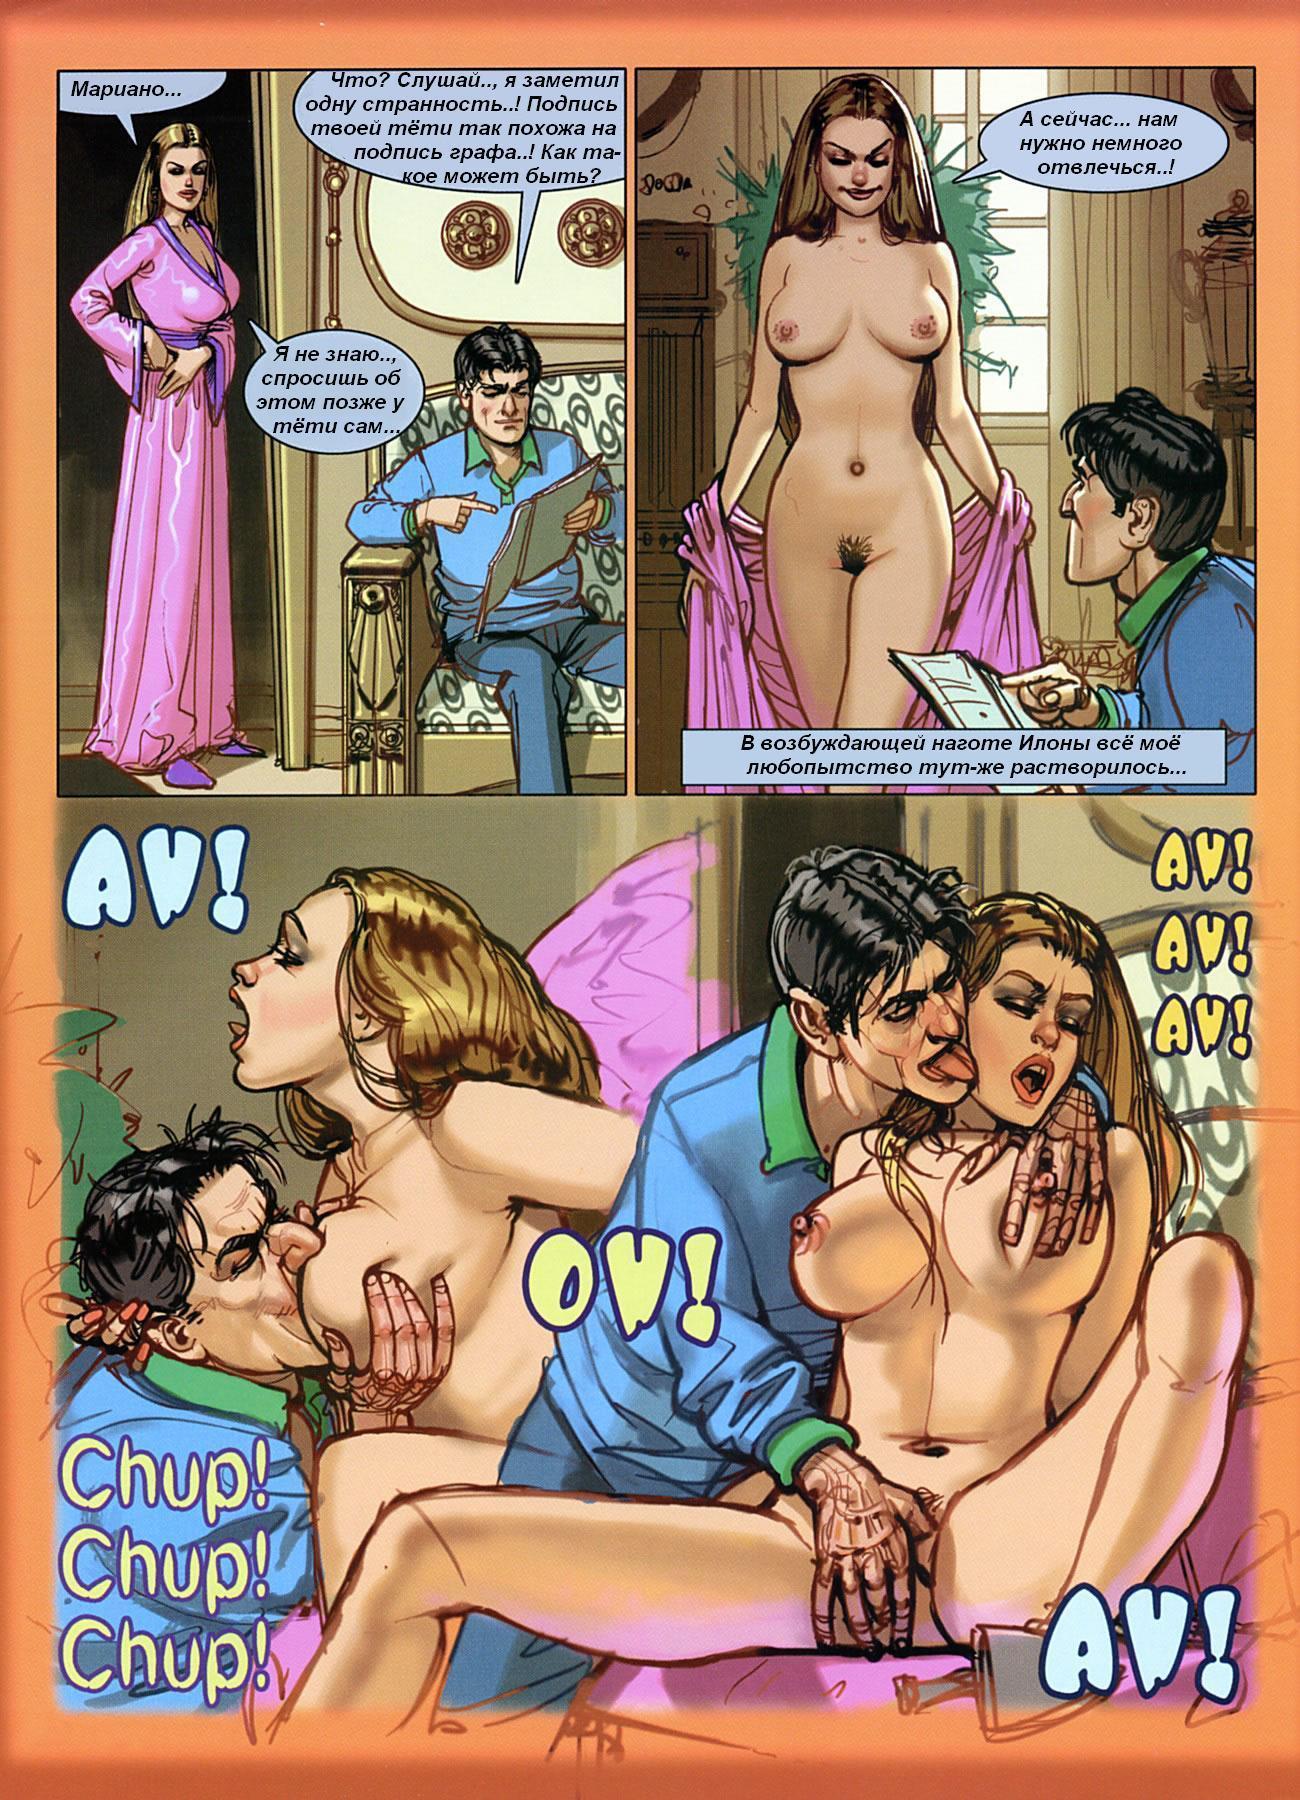 Топ порно комиксы 19 фотография